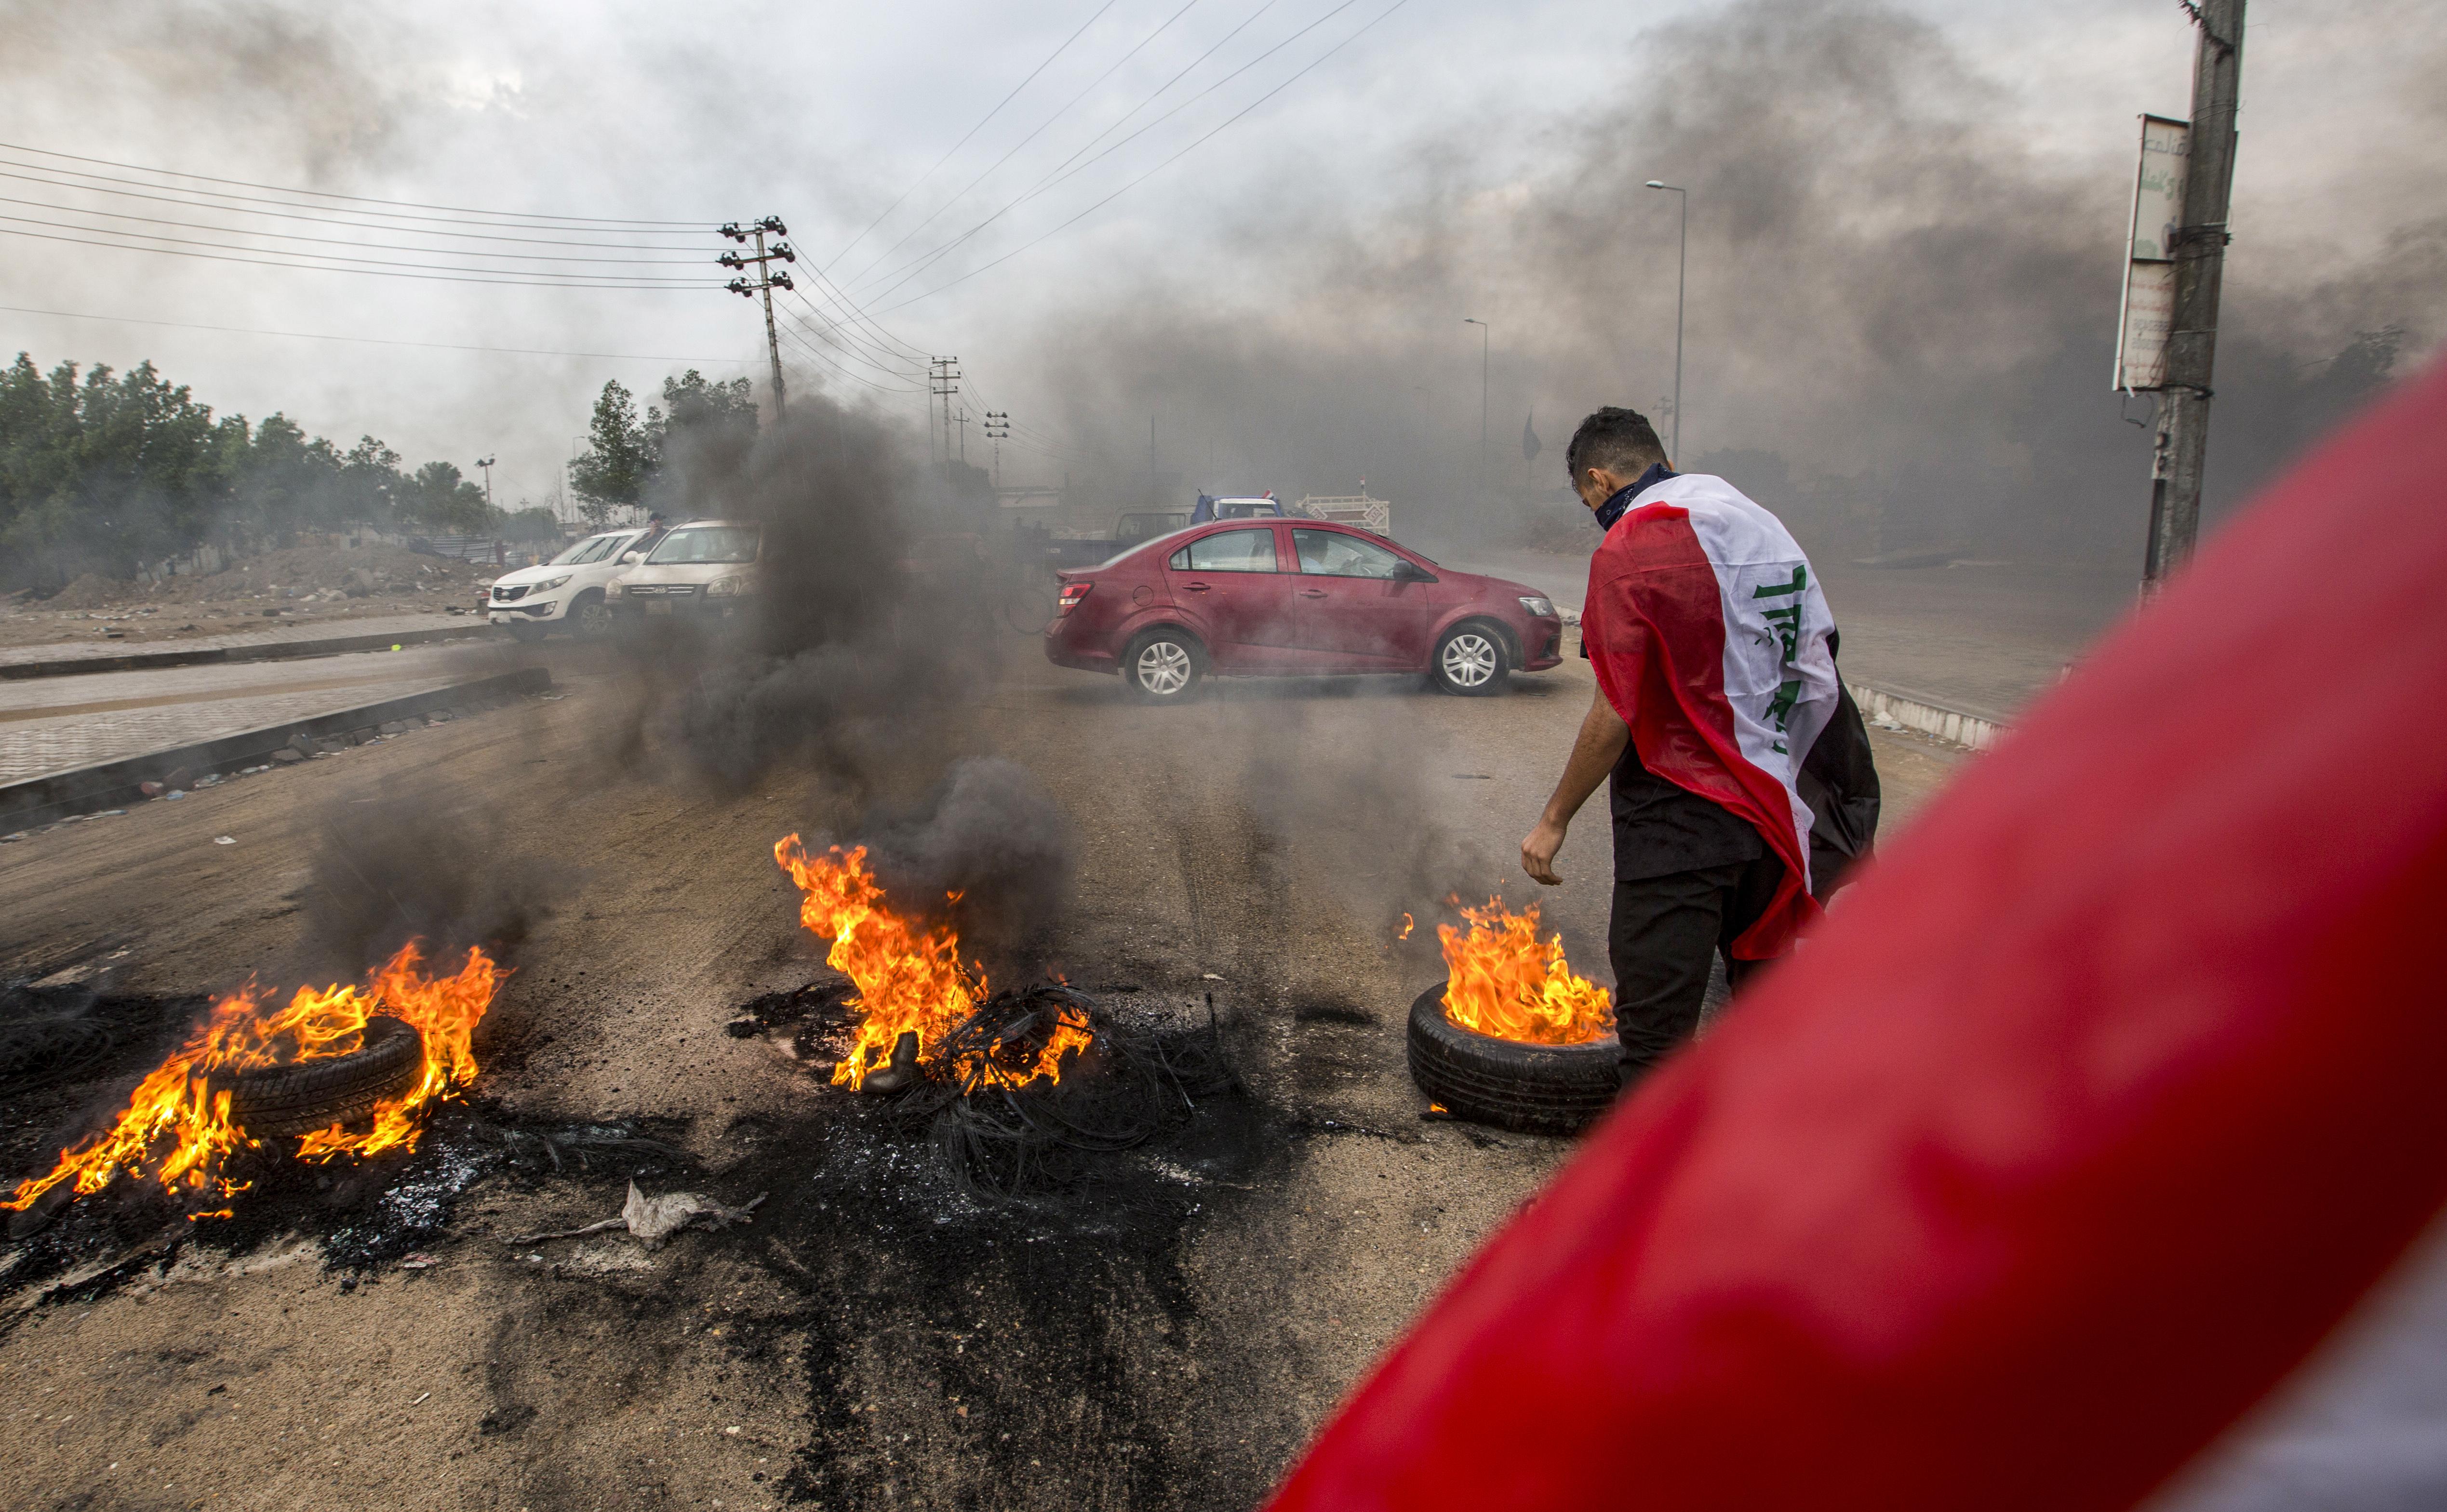 متظاهرون في البصرة يحرقون إطارات لقطع الطرق ومنع الموظفين من الوصول إلى عملهم في 17 نوفمبر 2019